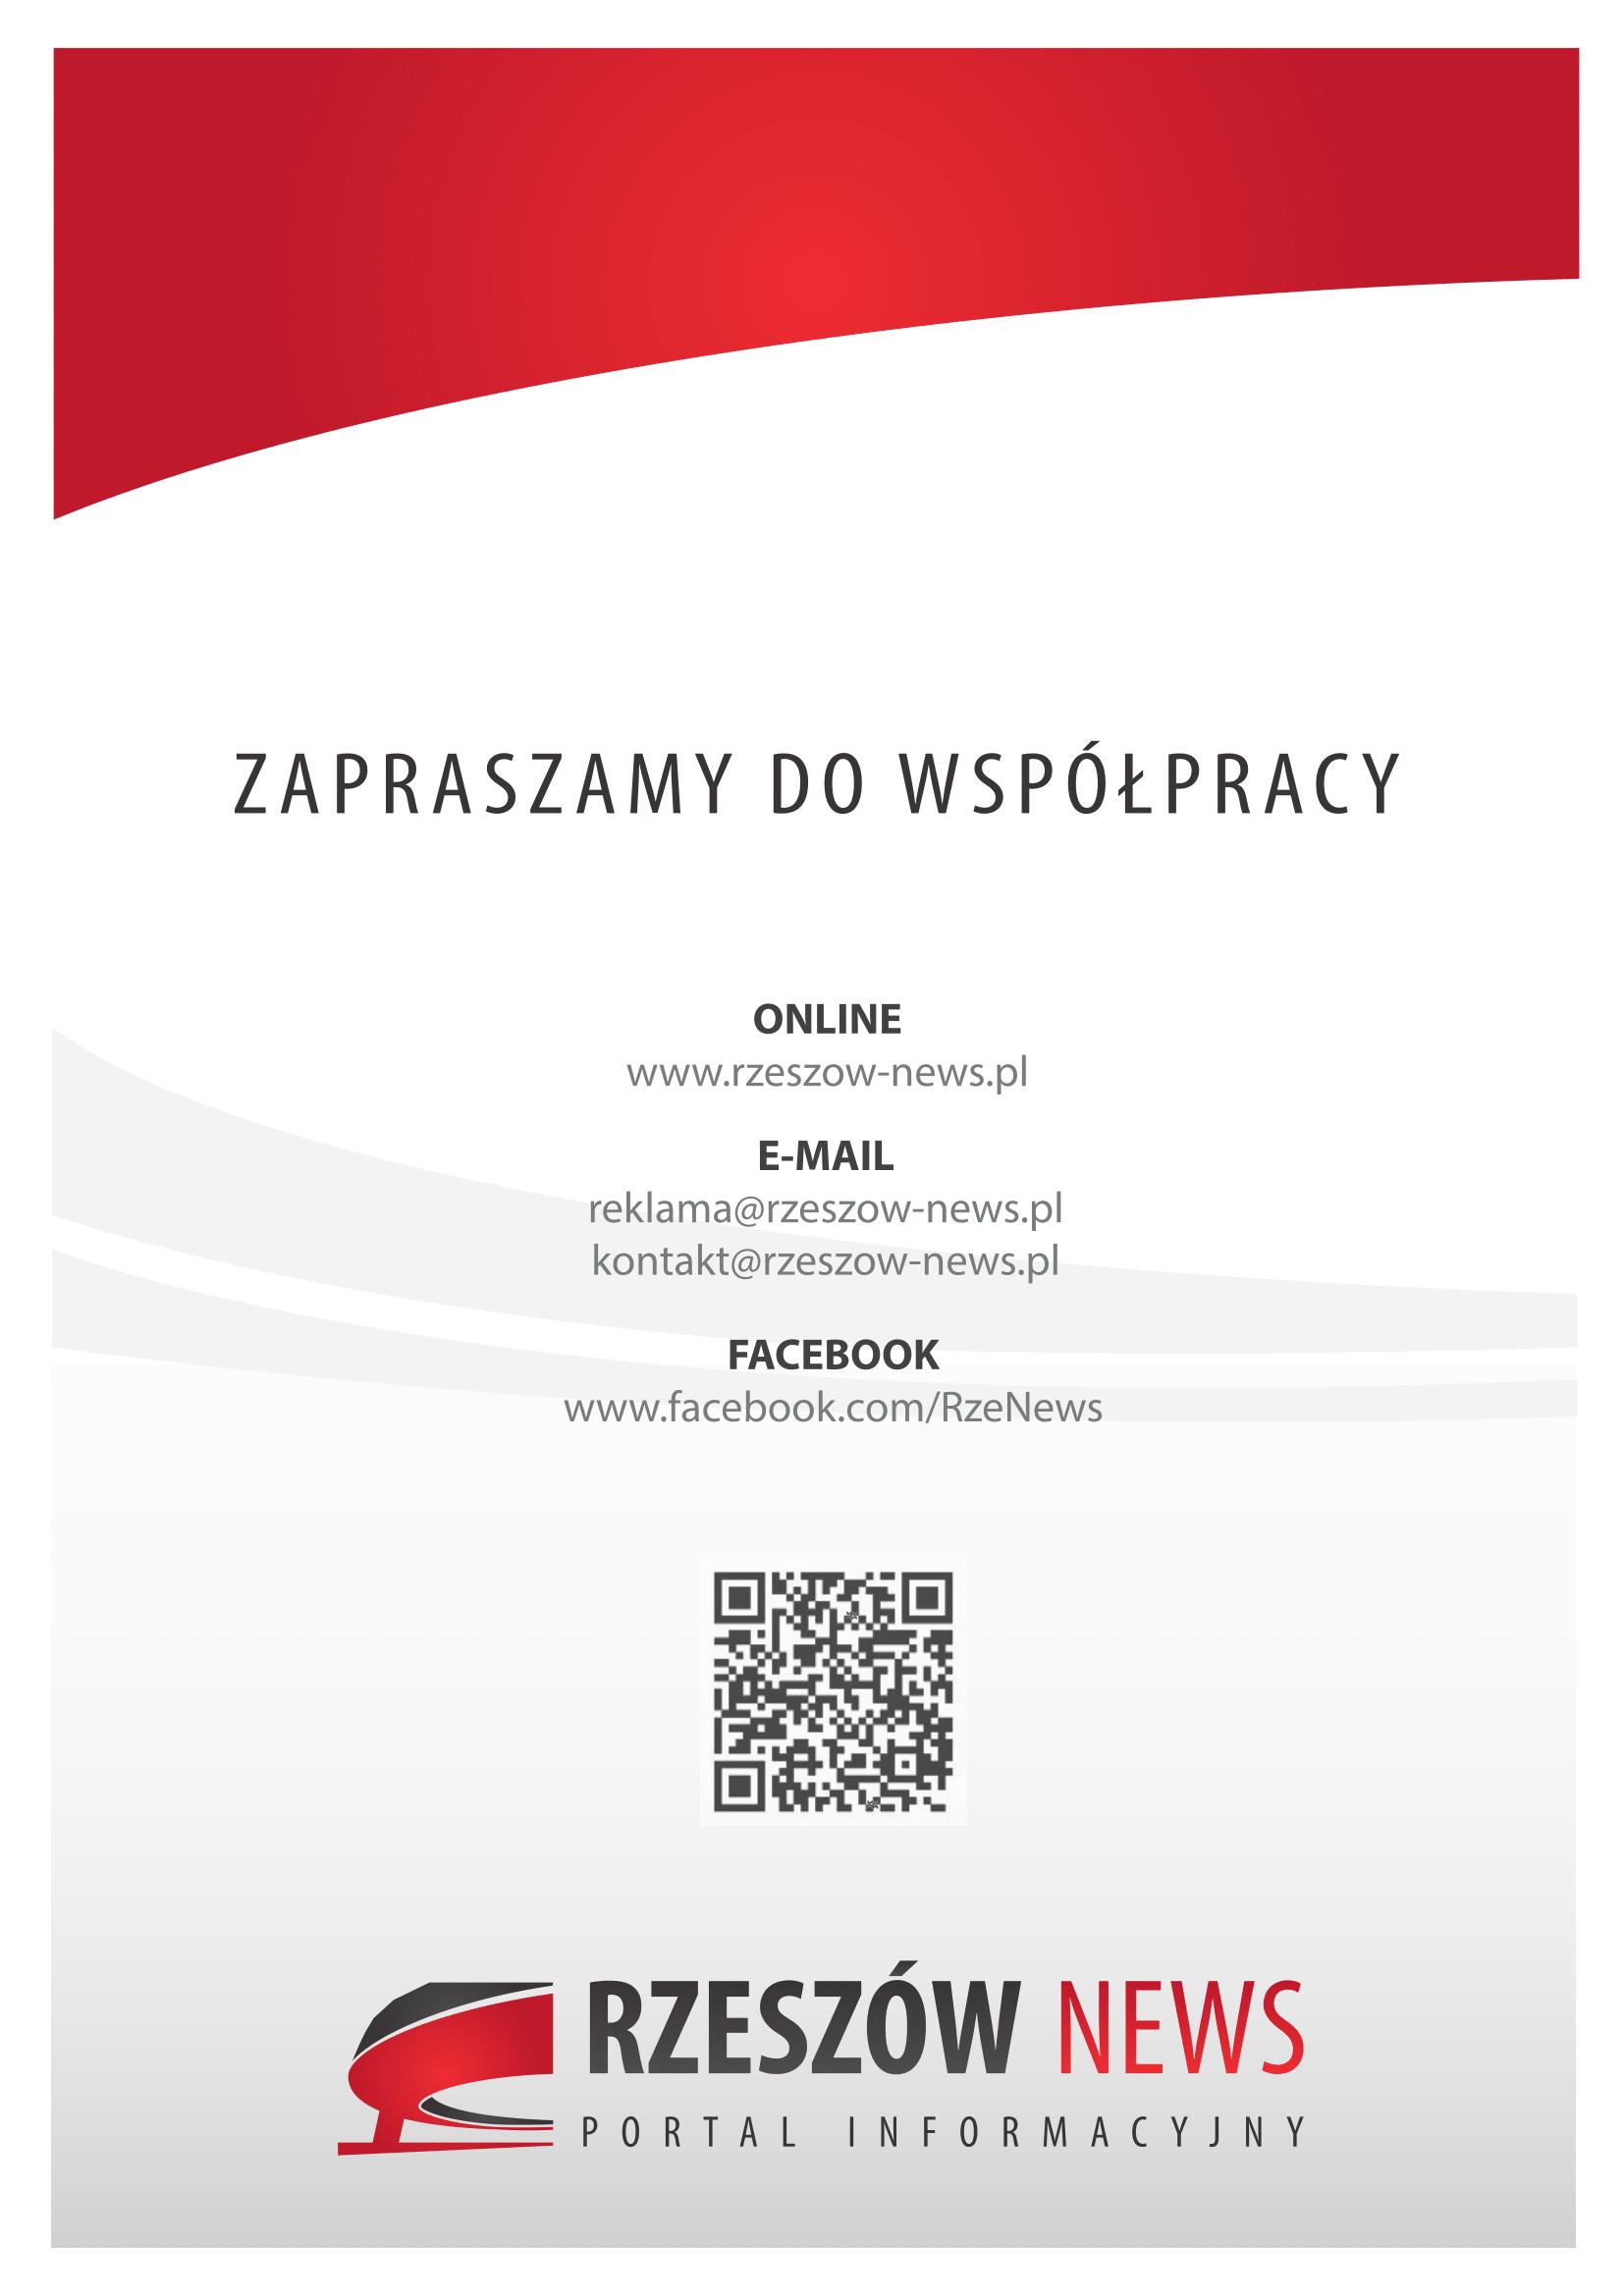 rzeszow-news-oferta-reklamowa-kopia-10